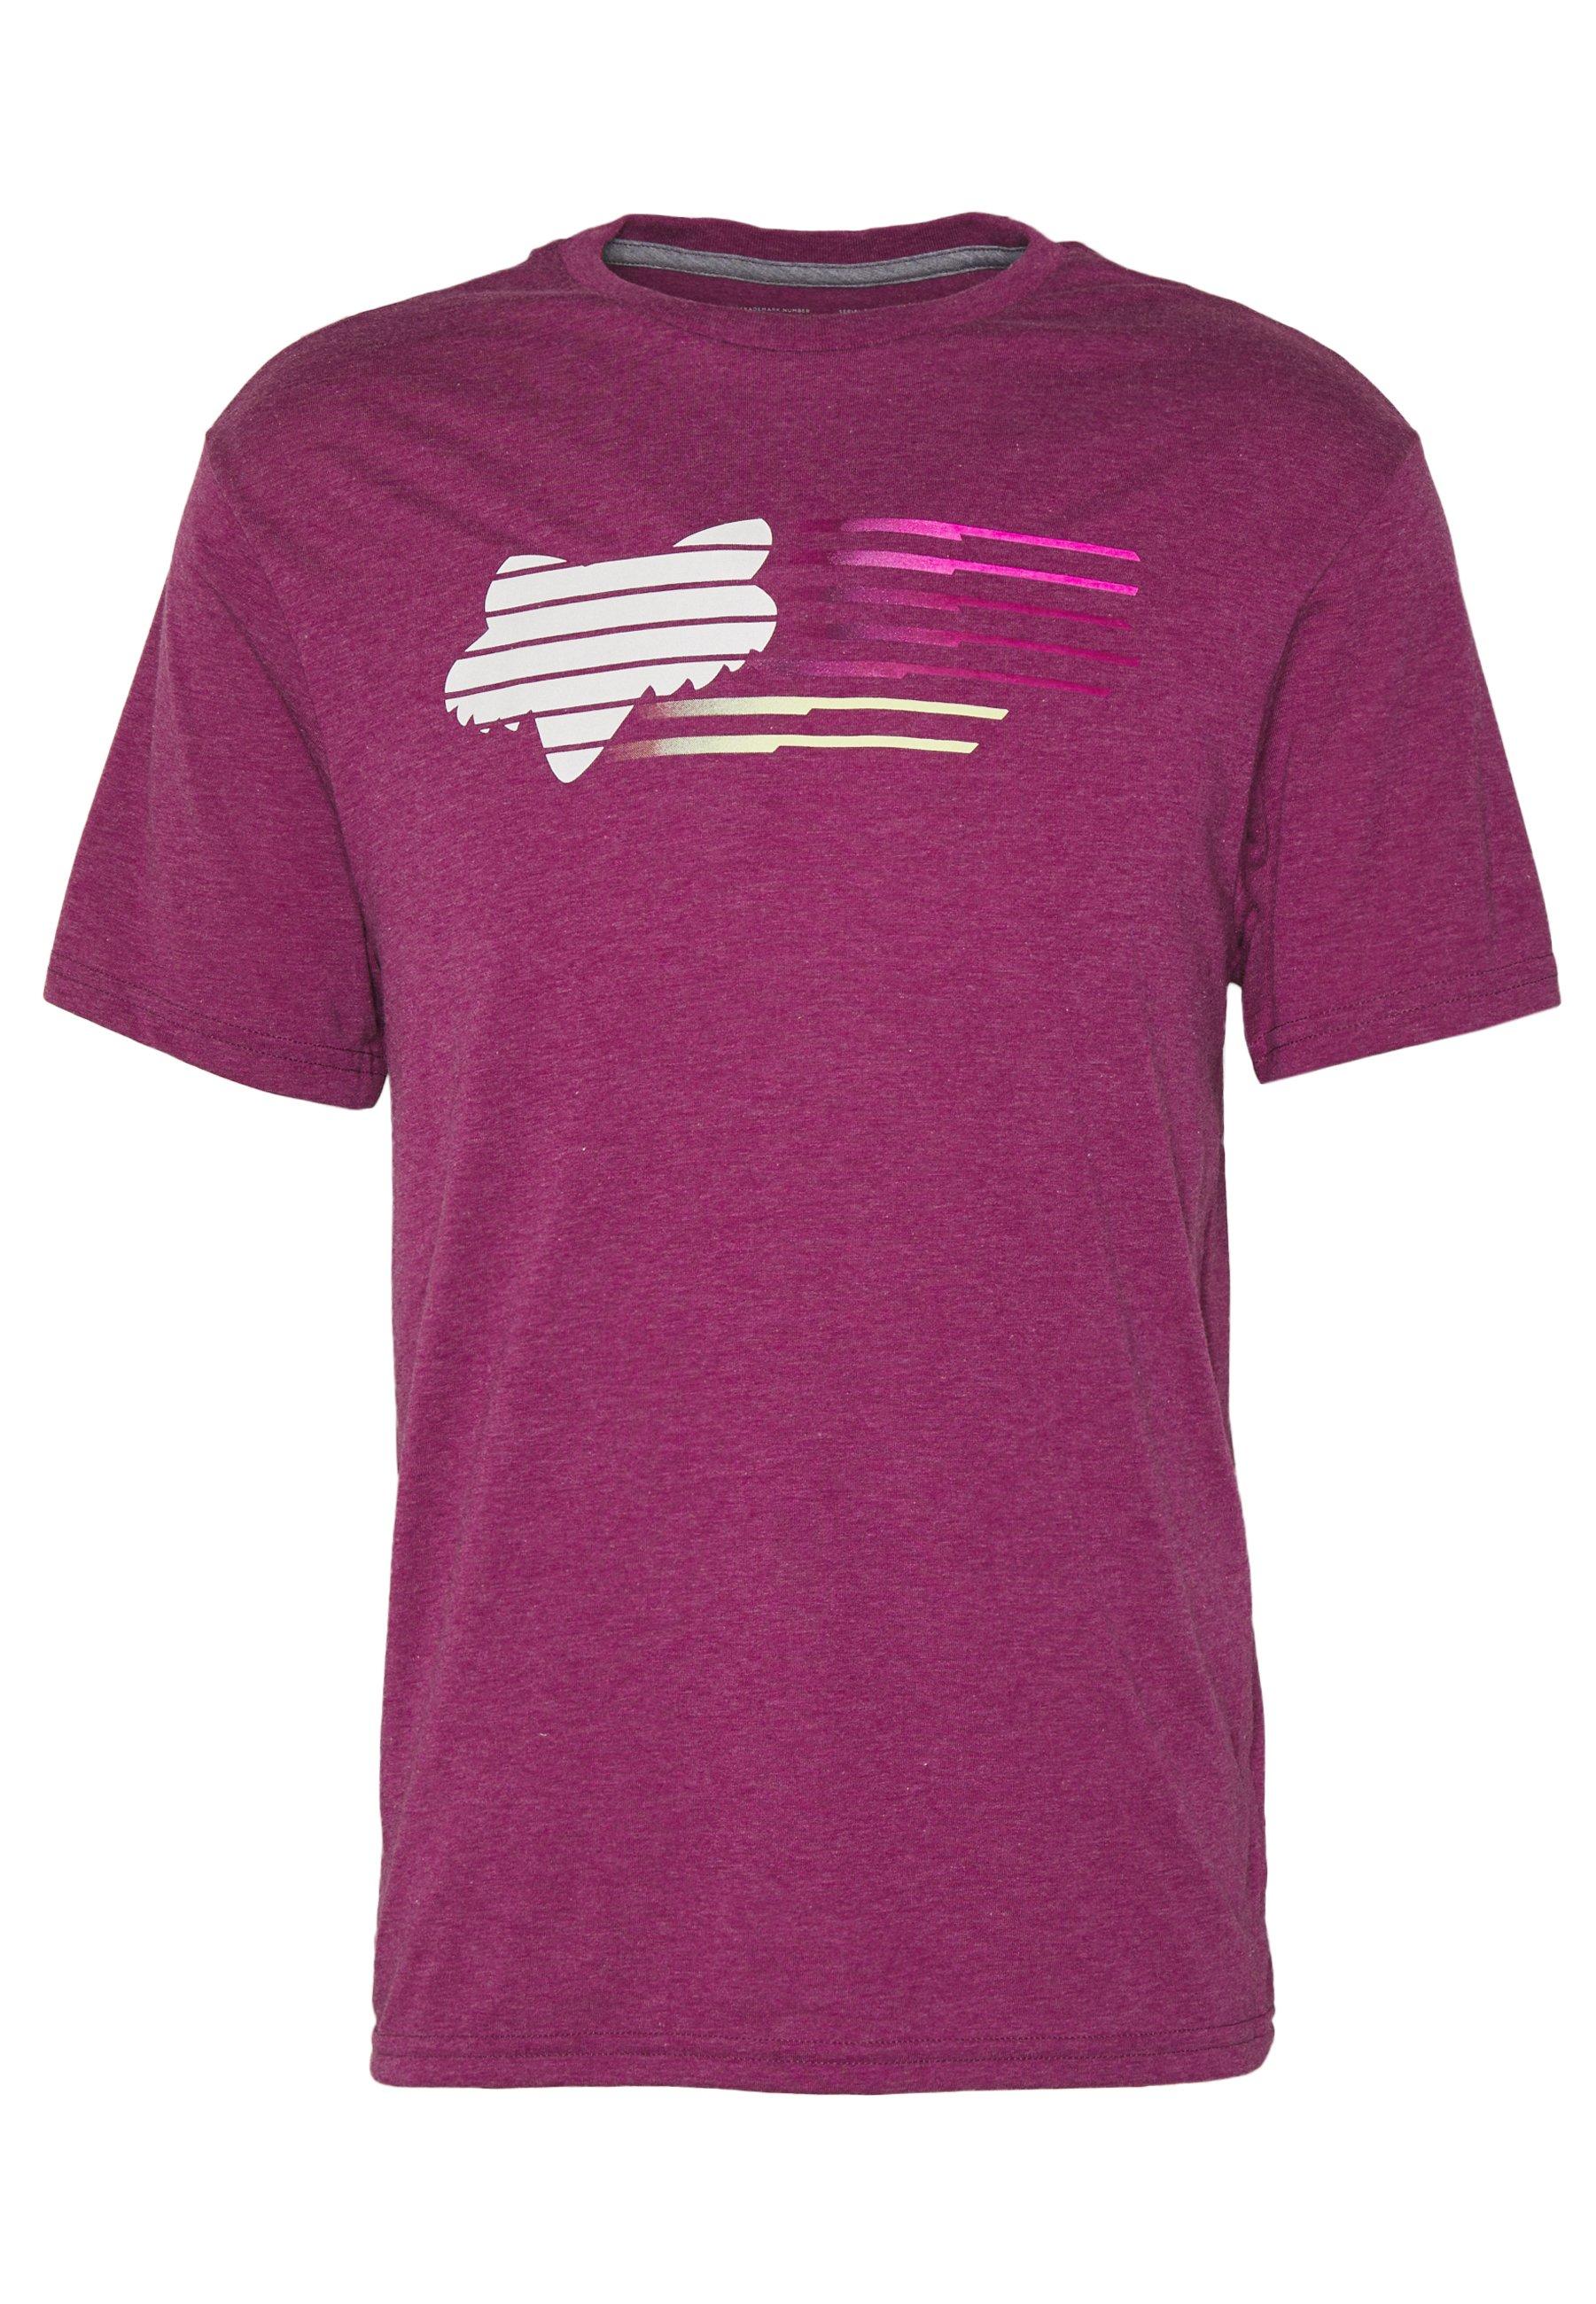 Fox Racing Lightspeed Head Tech Tee - T-shirt Sportiva Purple 9DE9q8T